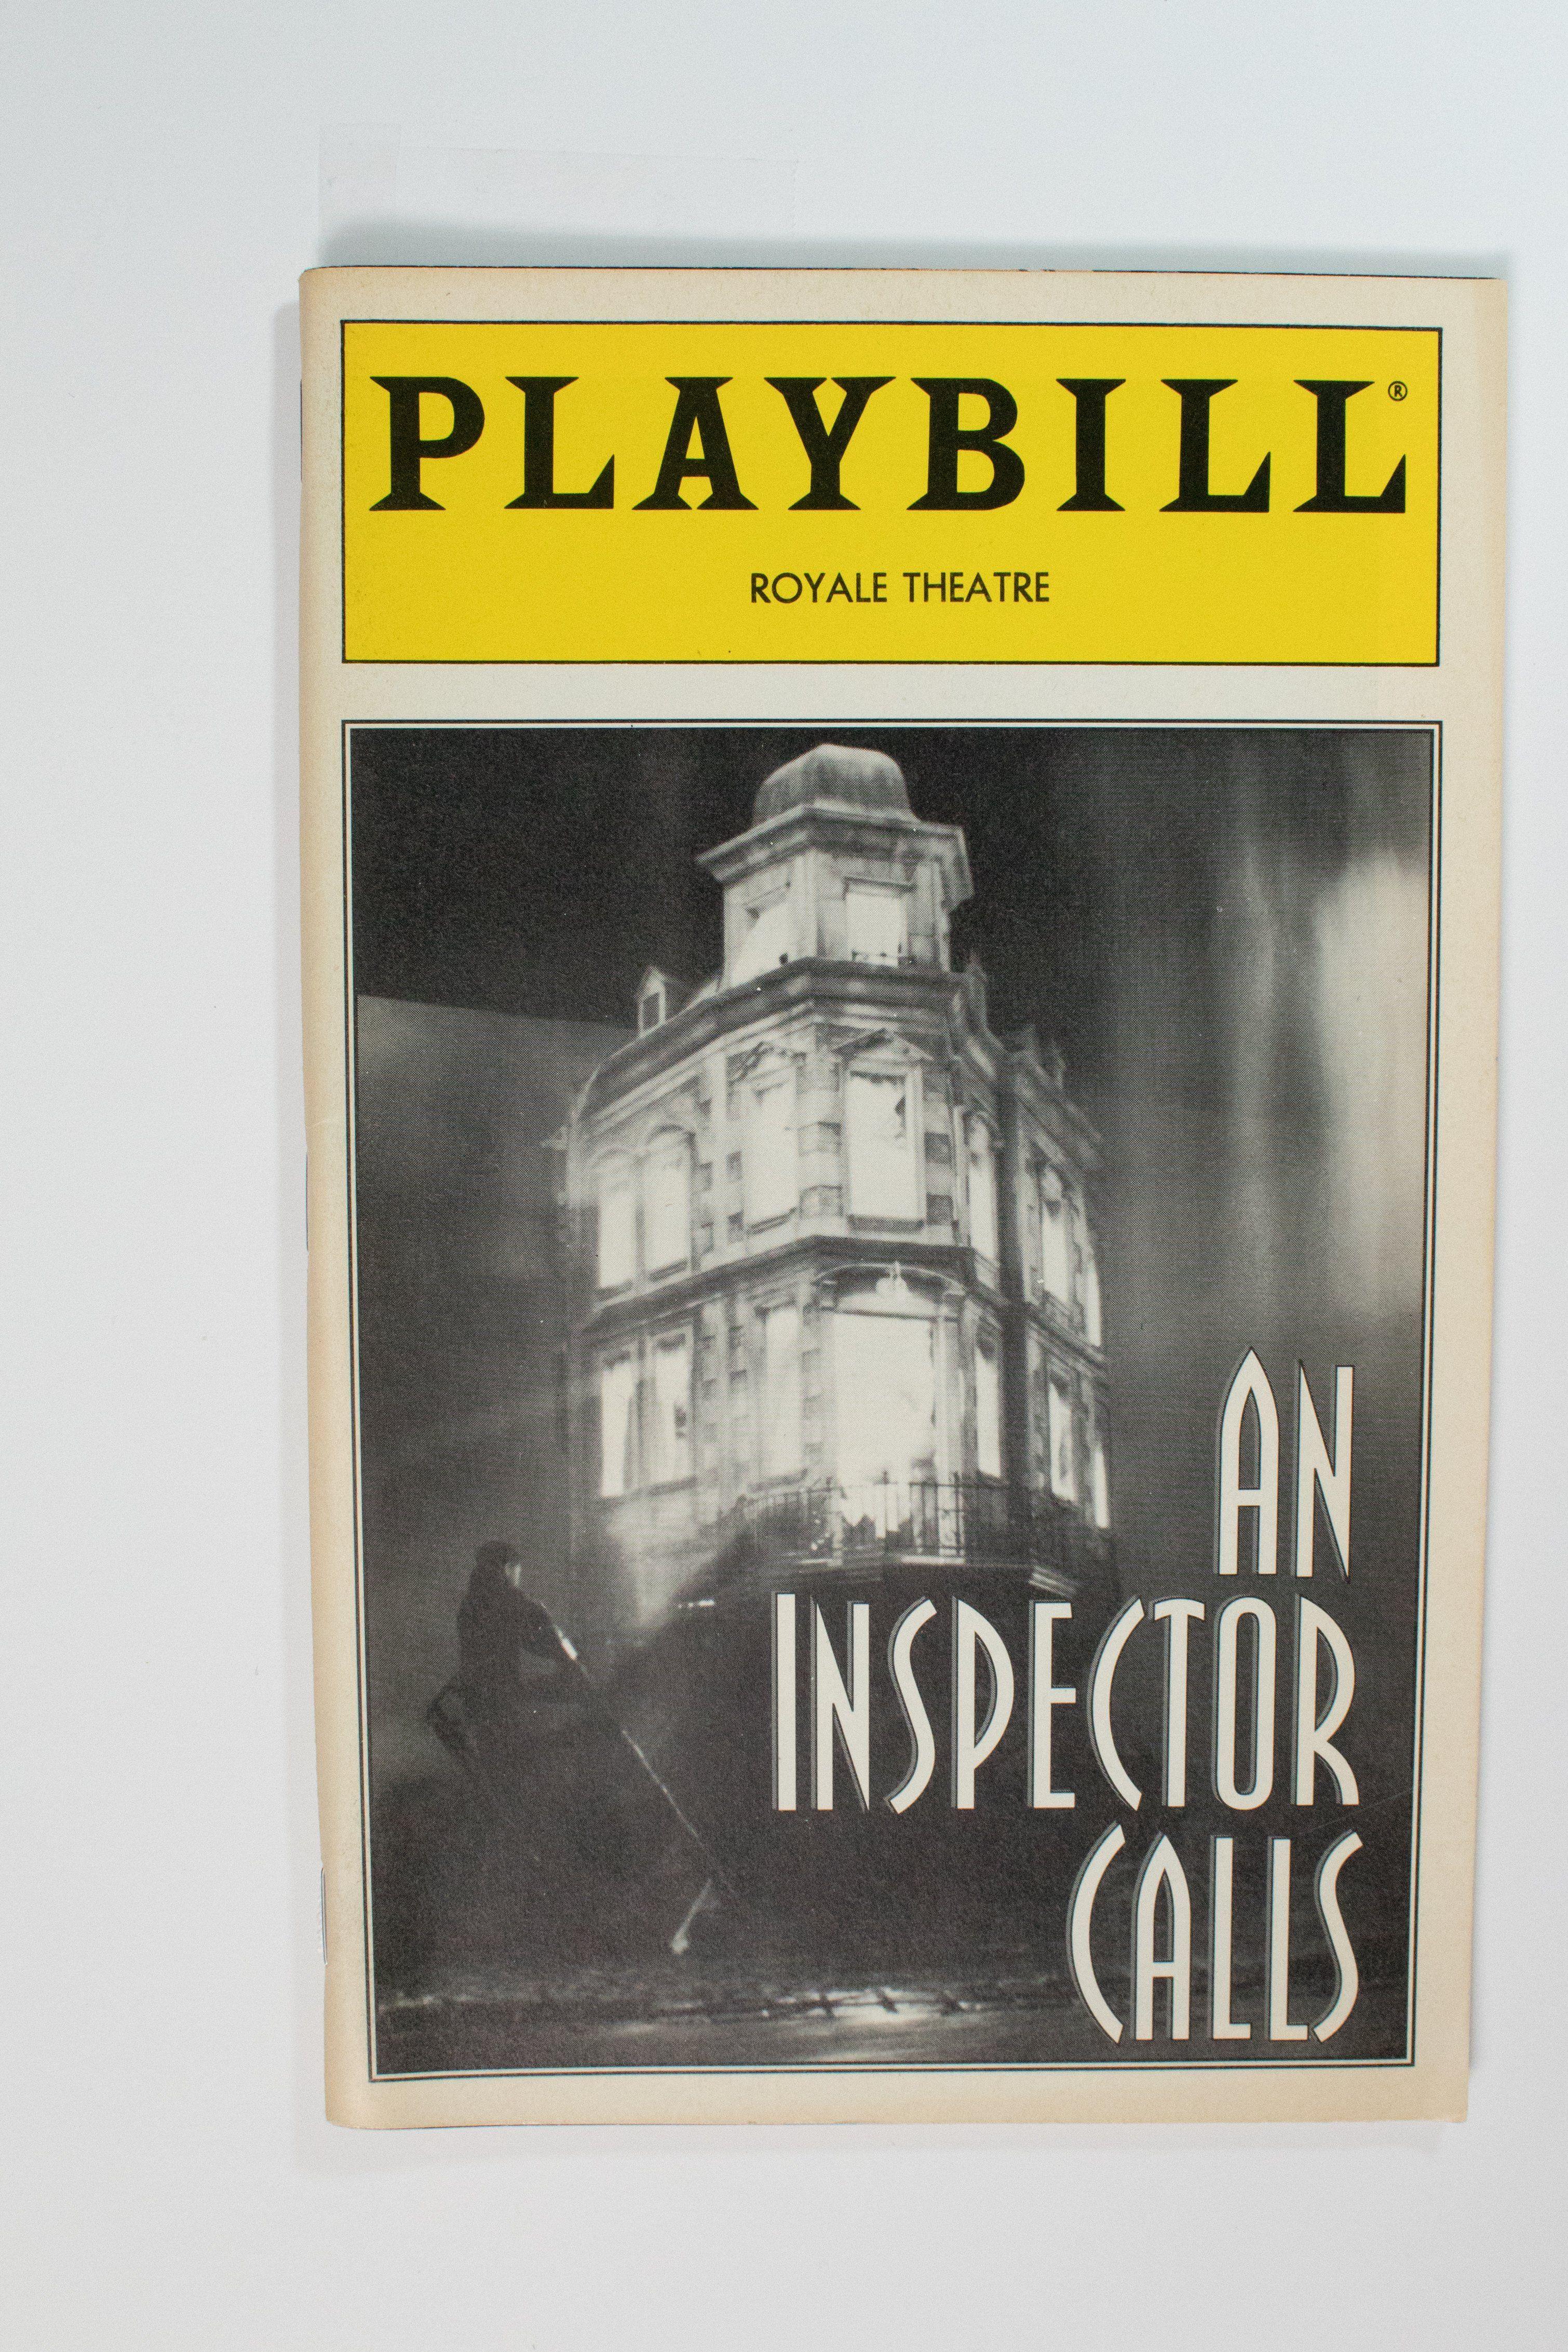 An Inspector Calls Playbill  An Inspector Calls  Pinterest  An Inspector Calls Playbill